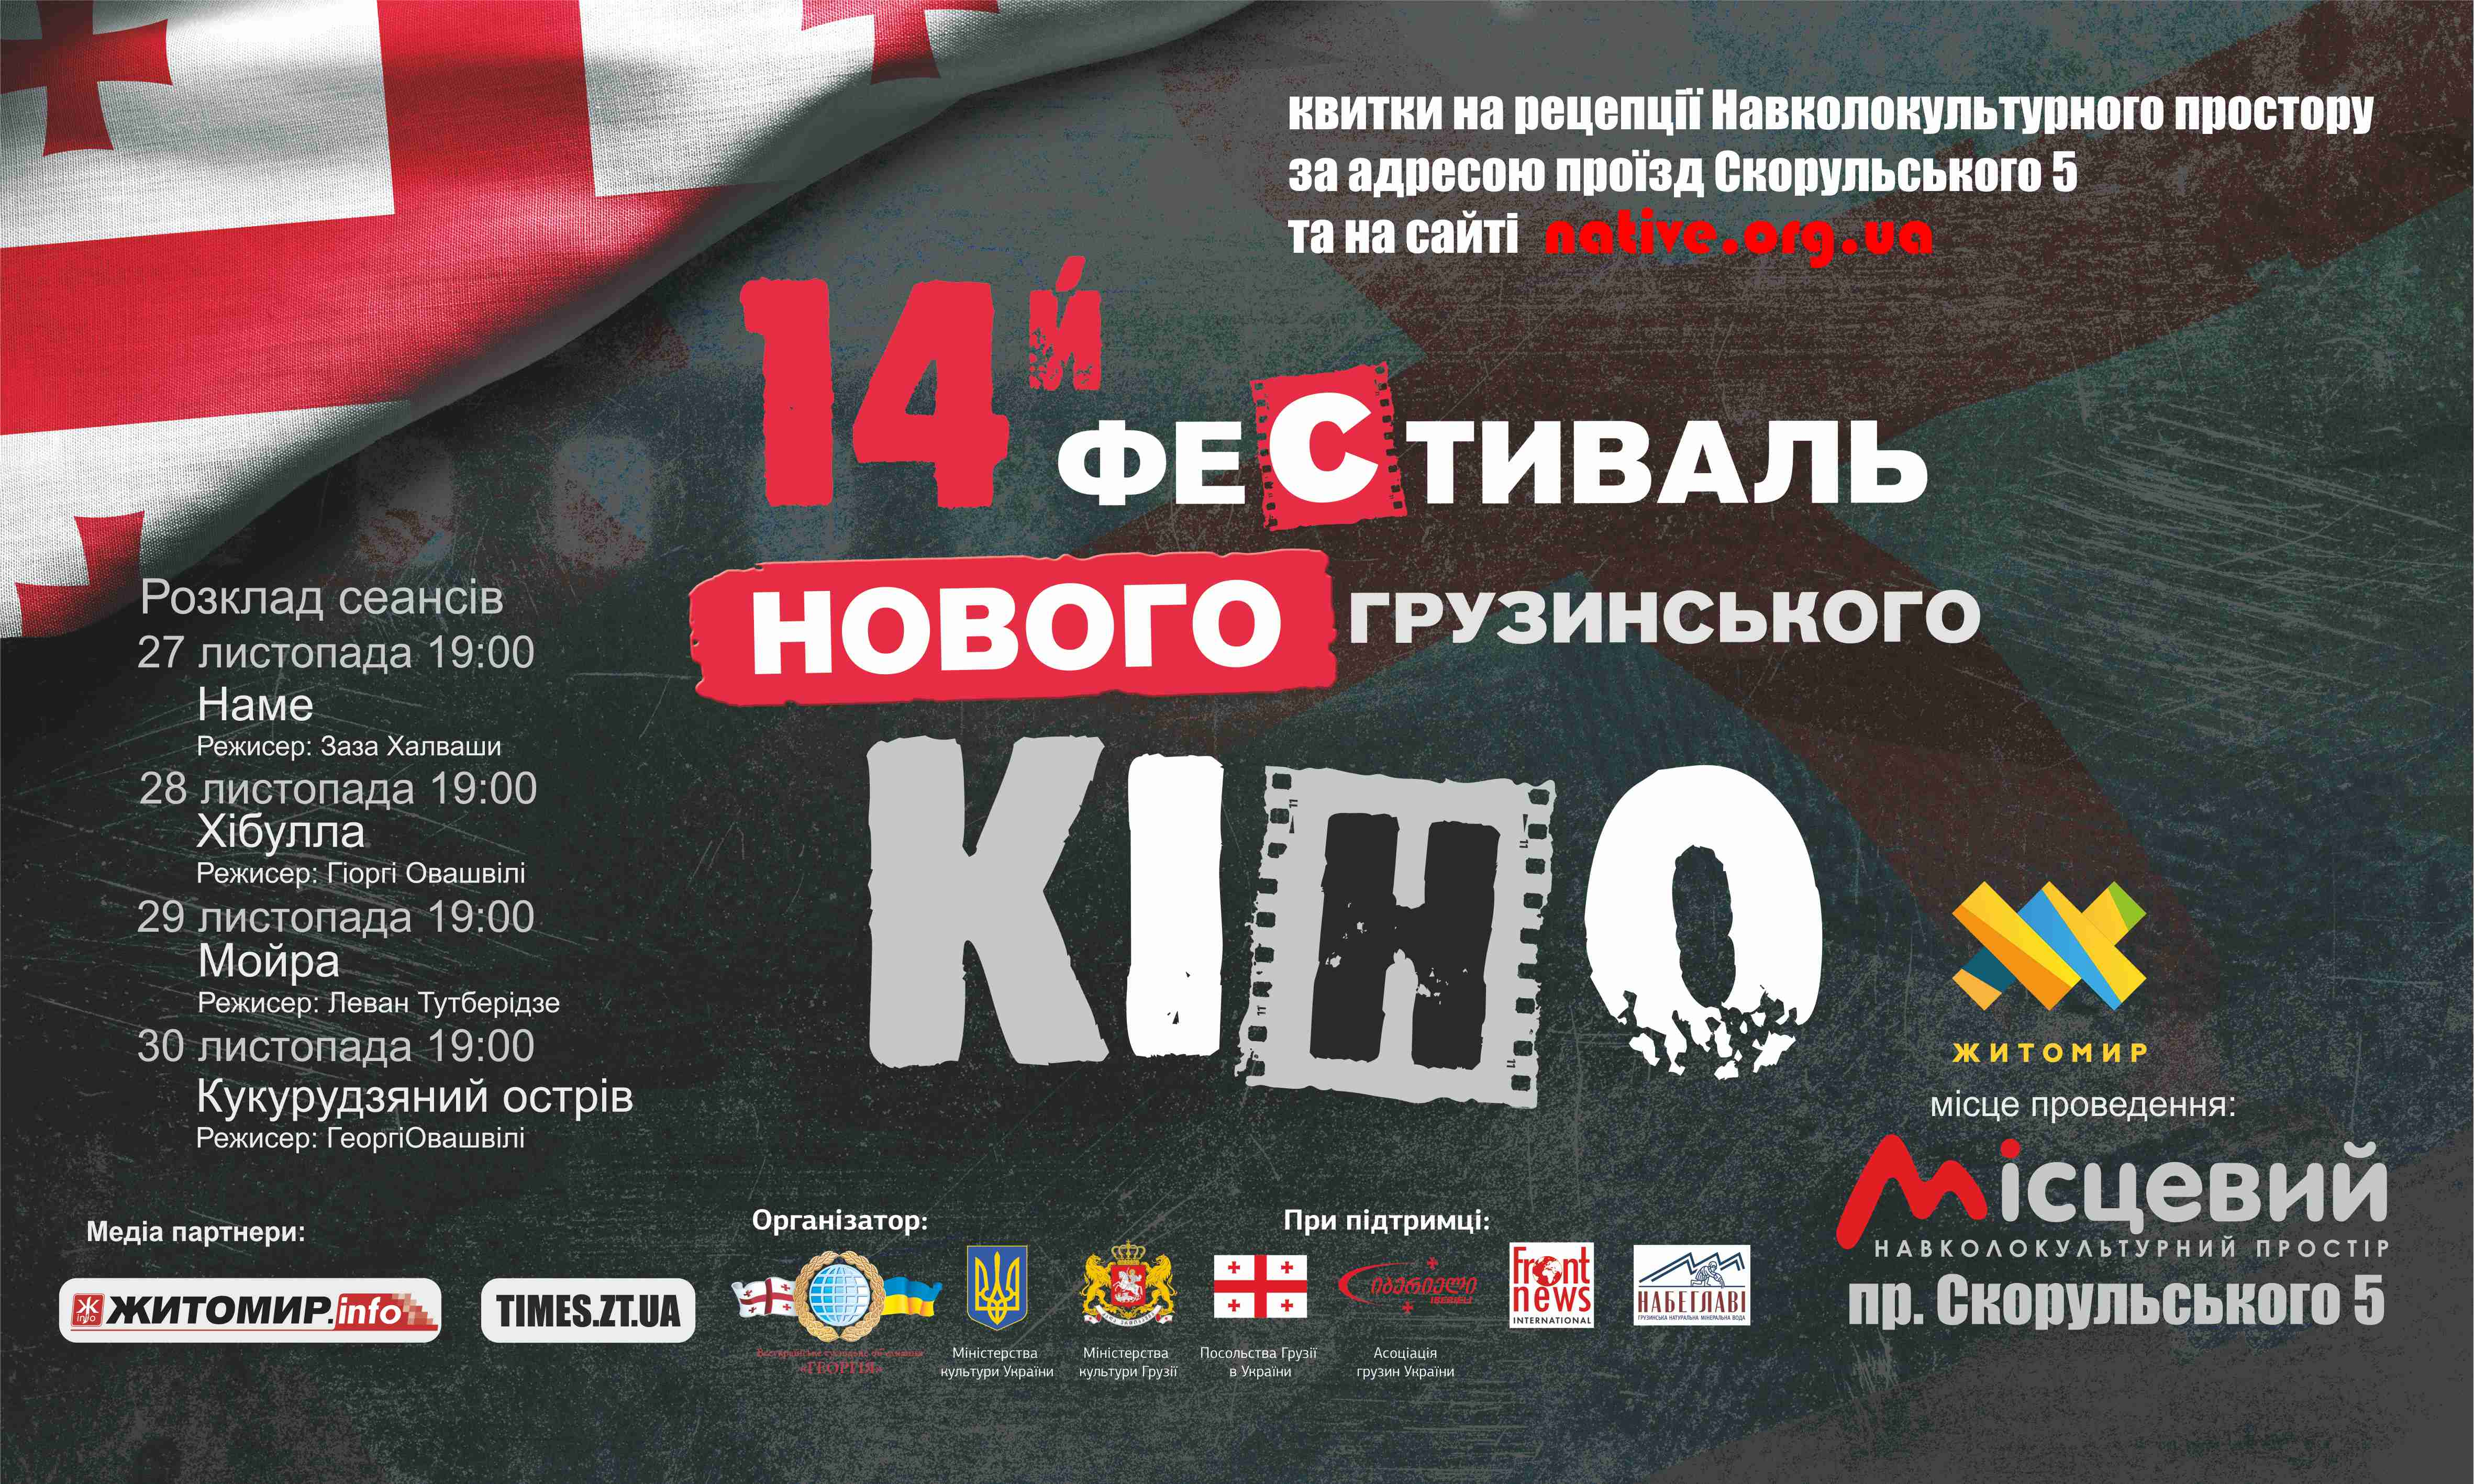 Нове Грузинське кіно в Житомирі!